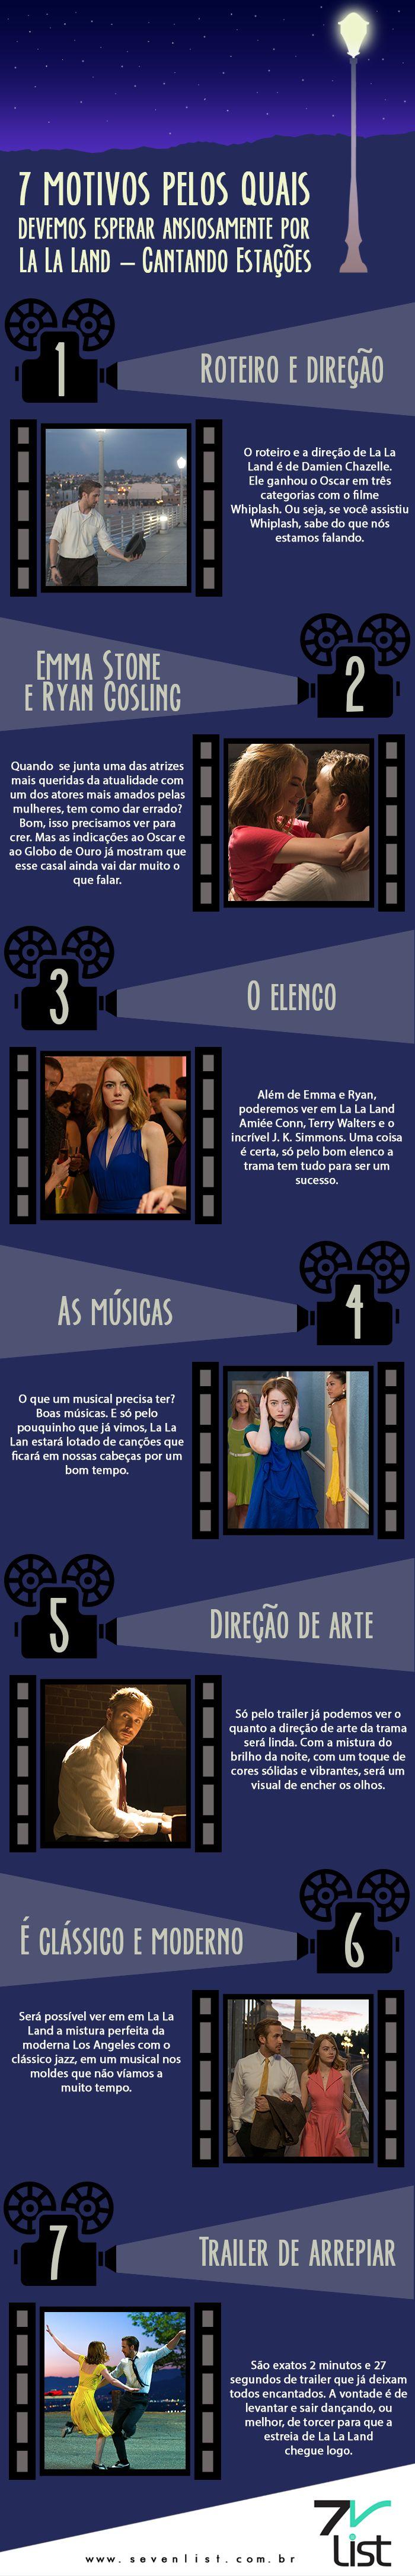 Ele é um dos filmes mais aguardados de 2017, e mesmo antes de sua estreia já acumulou 7 indicações ao Globo de Ouro. Confira hoje 7 motivos pelos quais devemos esperar ansiosamente por La La Land. #SevenList  #Desgin #Infográfico #Brasil #Cinema #Cine #Filme #Film #Movie #LaLaLand #GoldenGlobe #Oscar #EmmaStone #RyanGosling #ParisFilmes #2017 #Music #Sing #Musical #Dance #LosAngeles